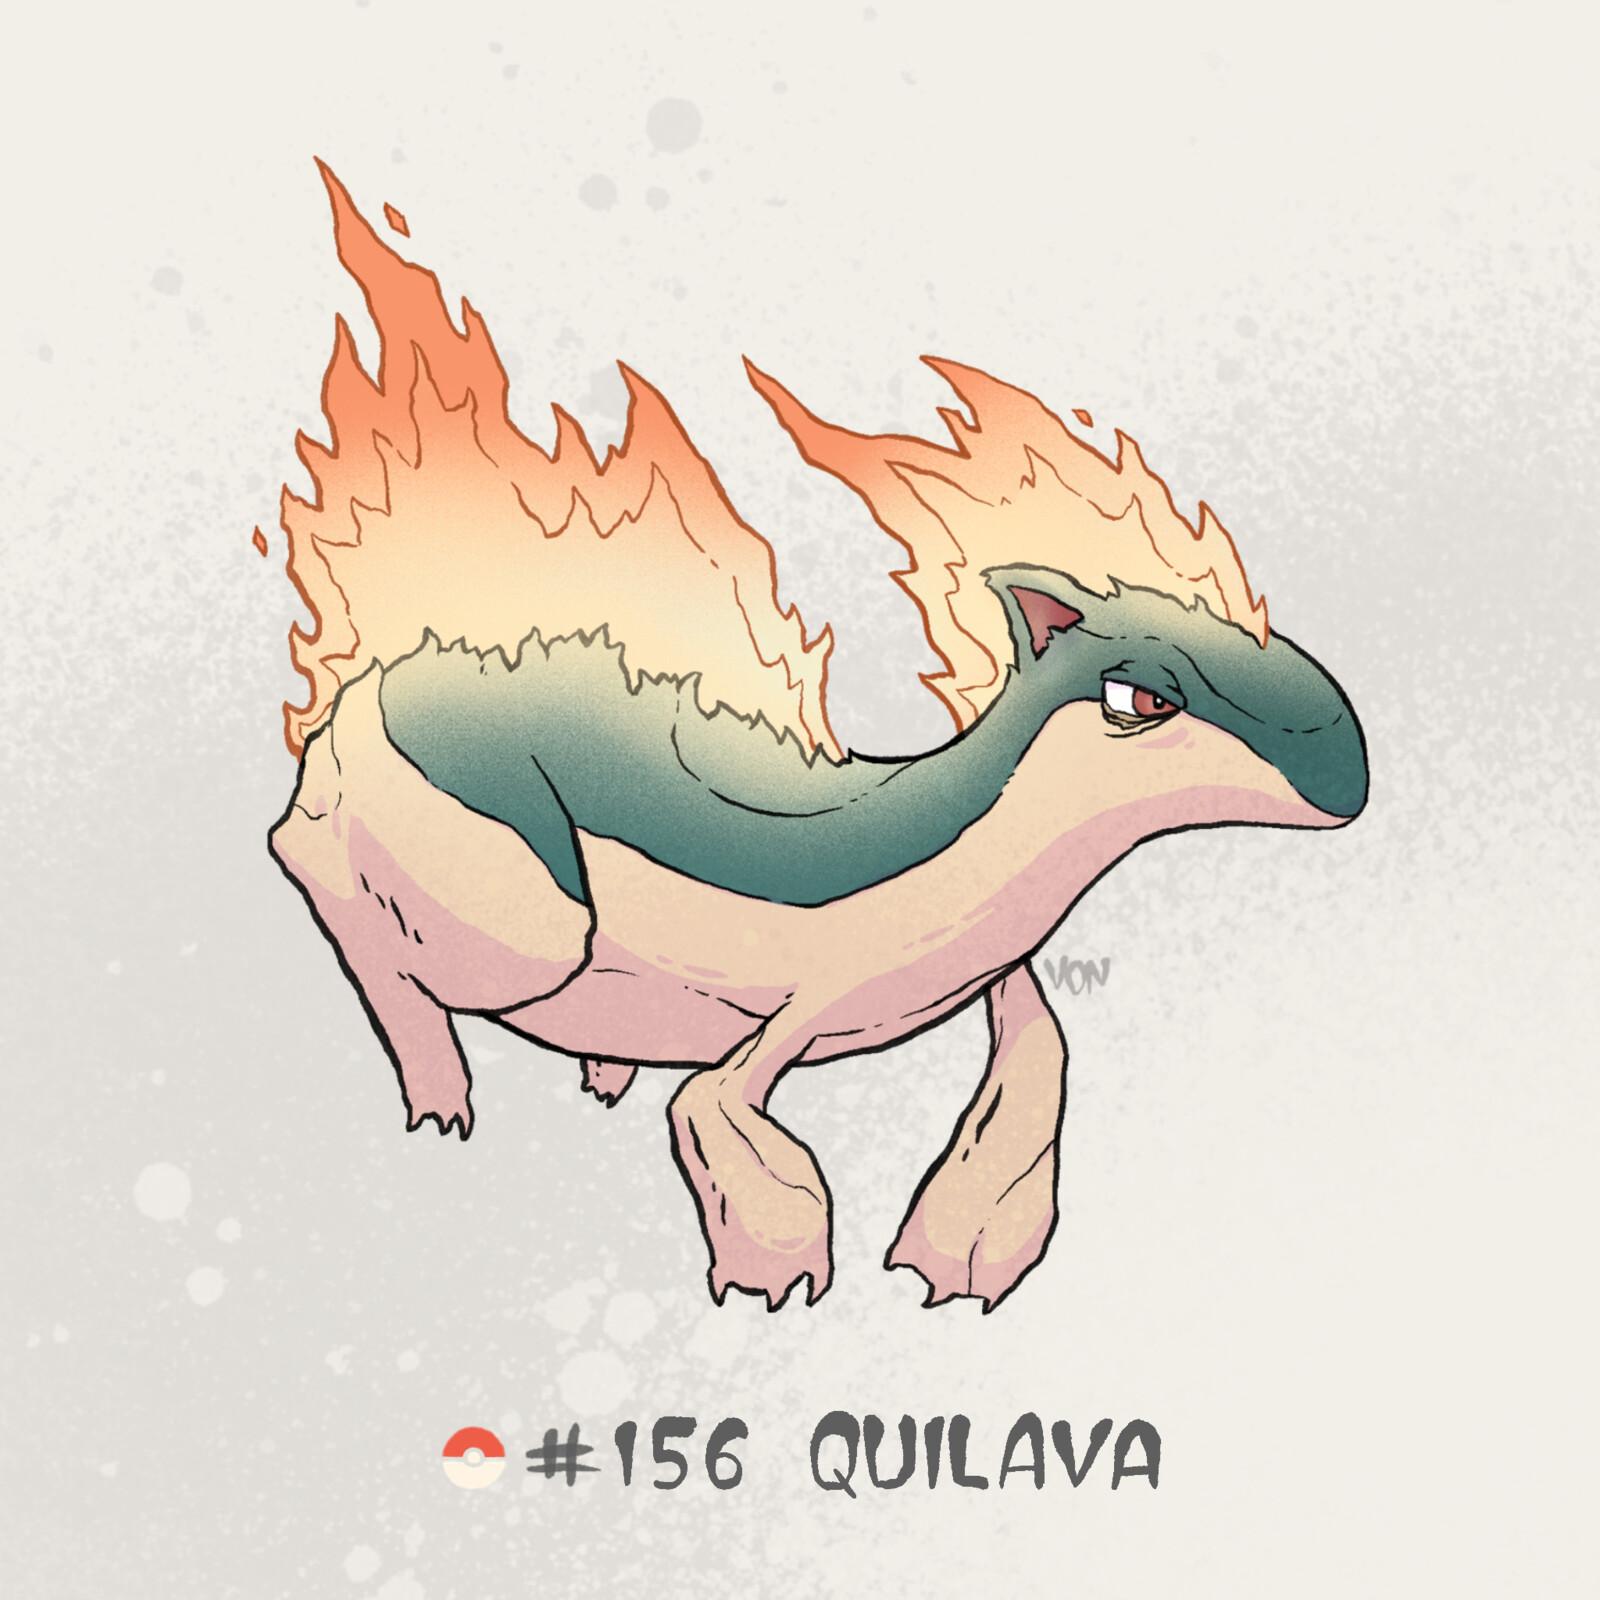 #156 Quilava